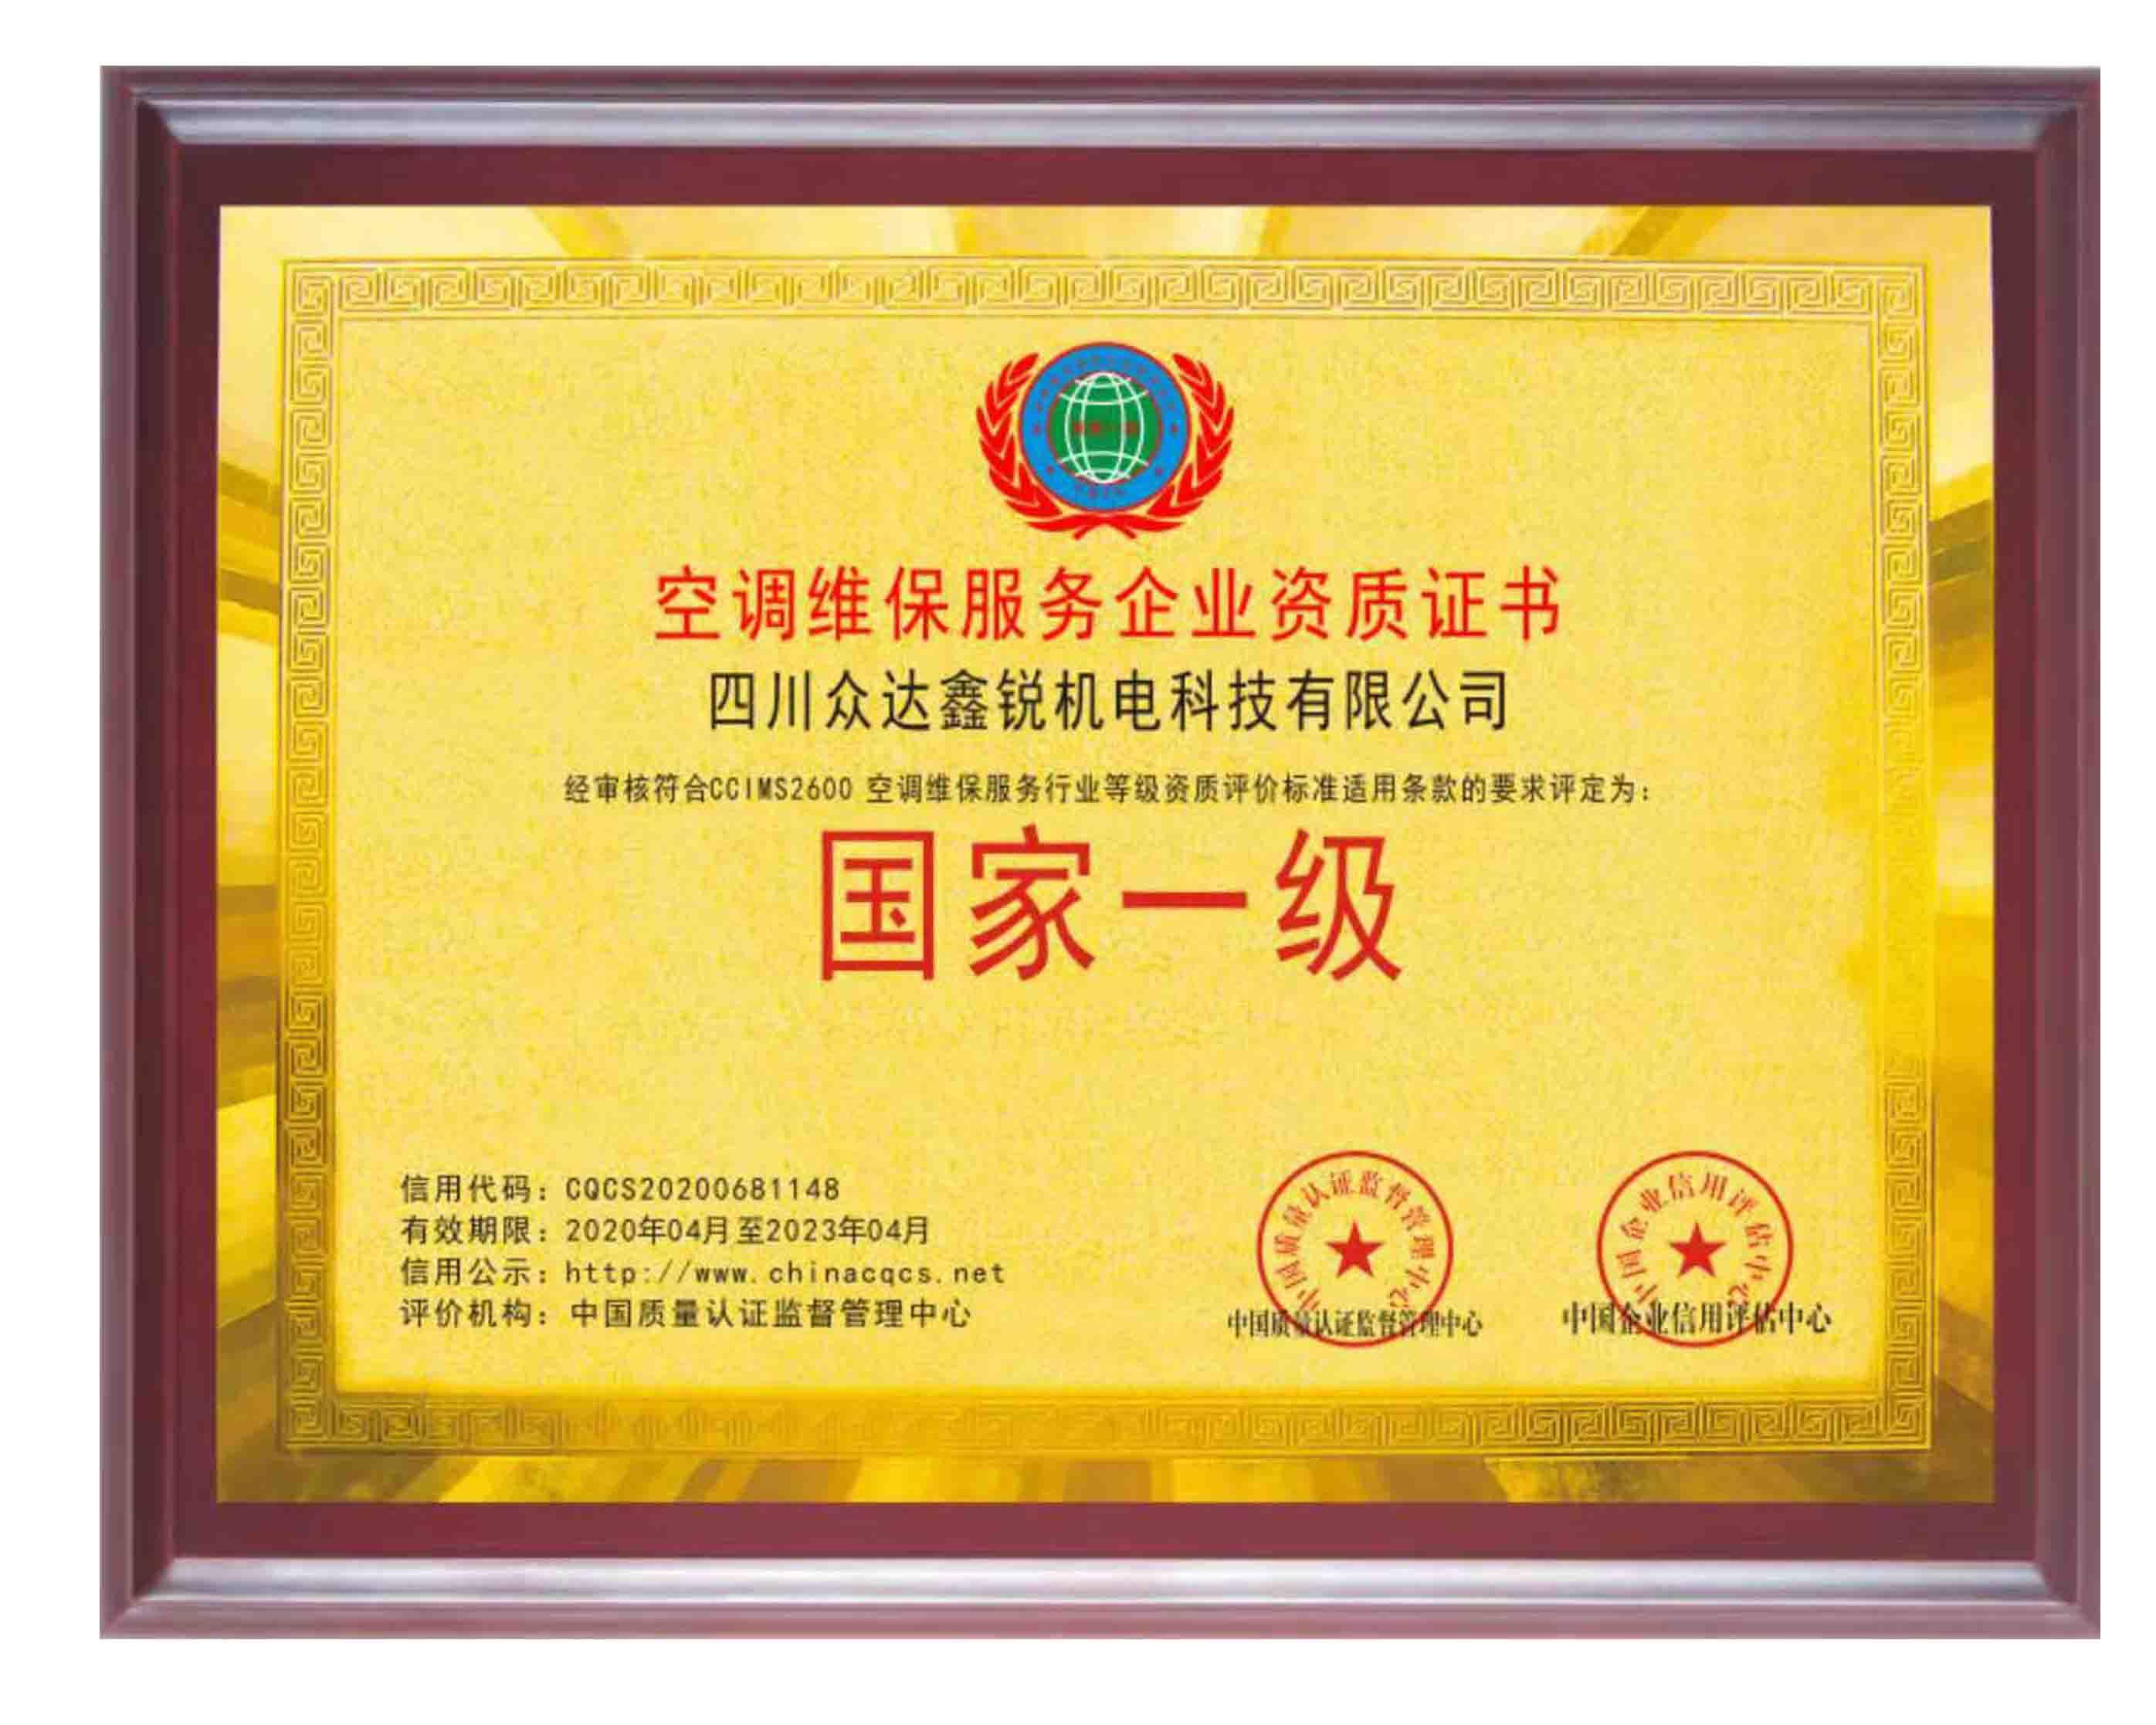 空调维保服务企业资质证书